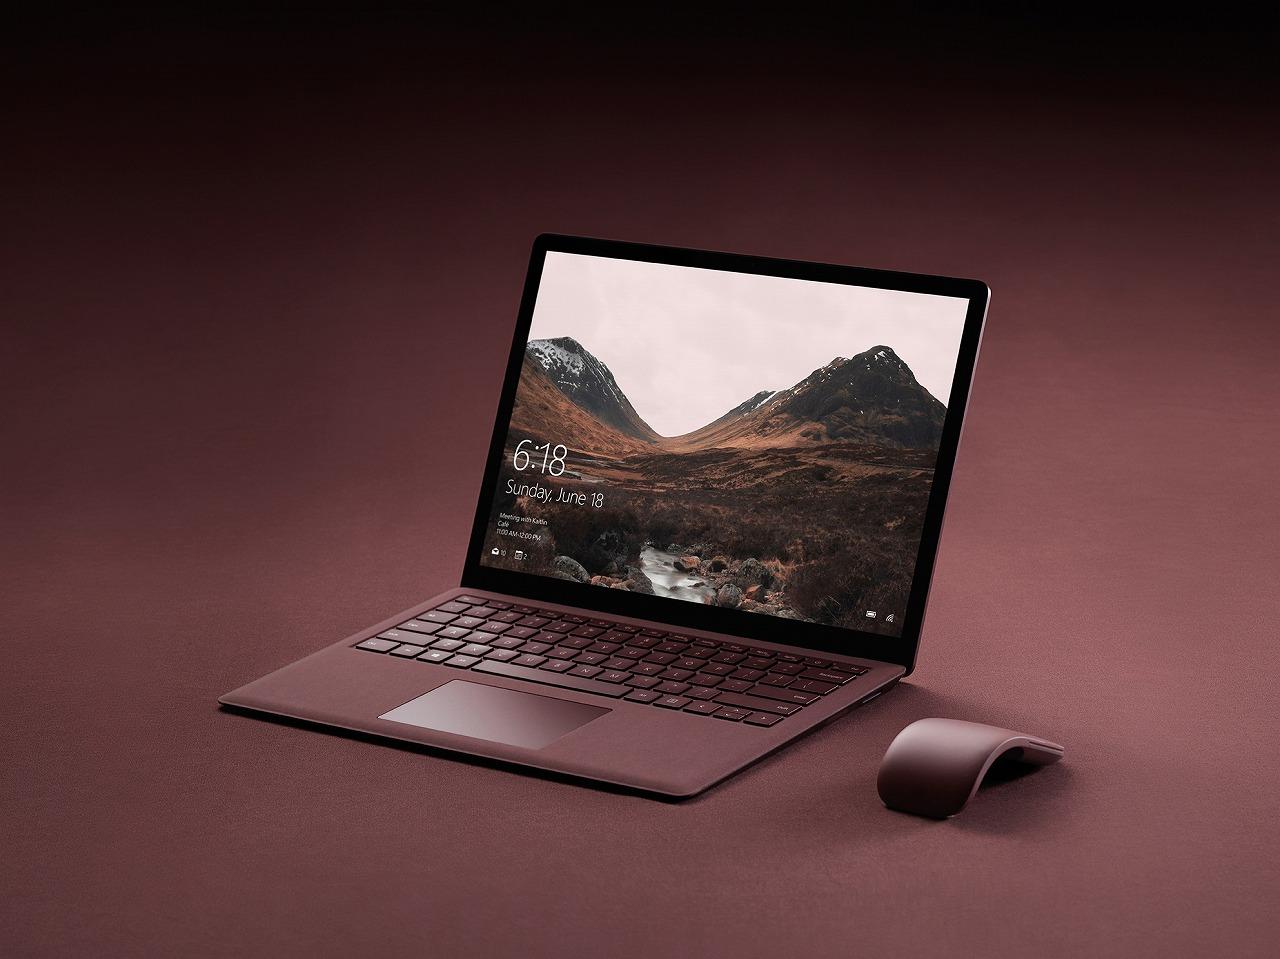 マイクロソフトの最新デバイス「Surface」にアルカンターラ®を採用